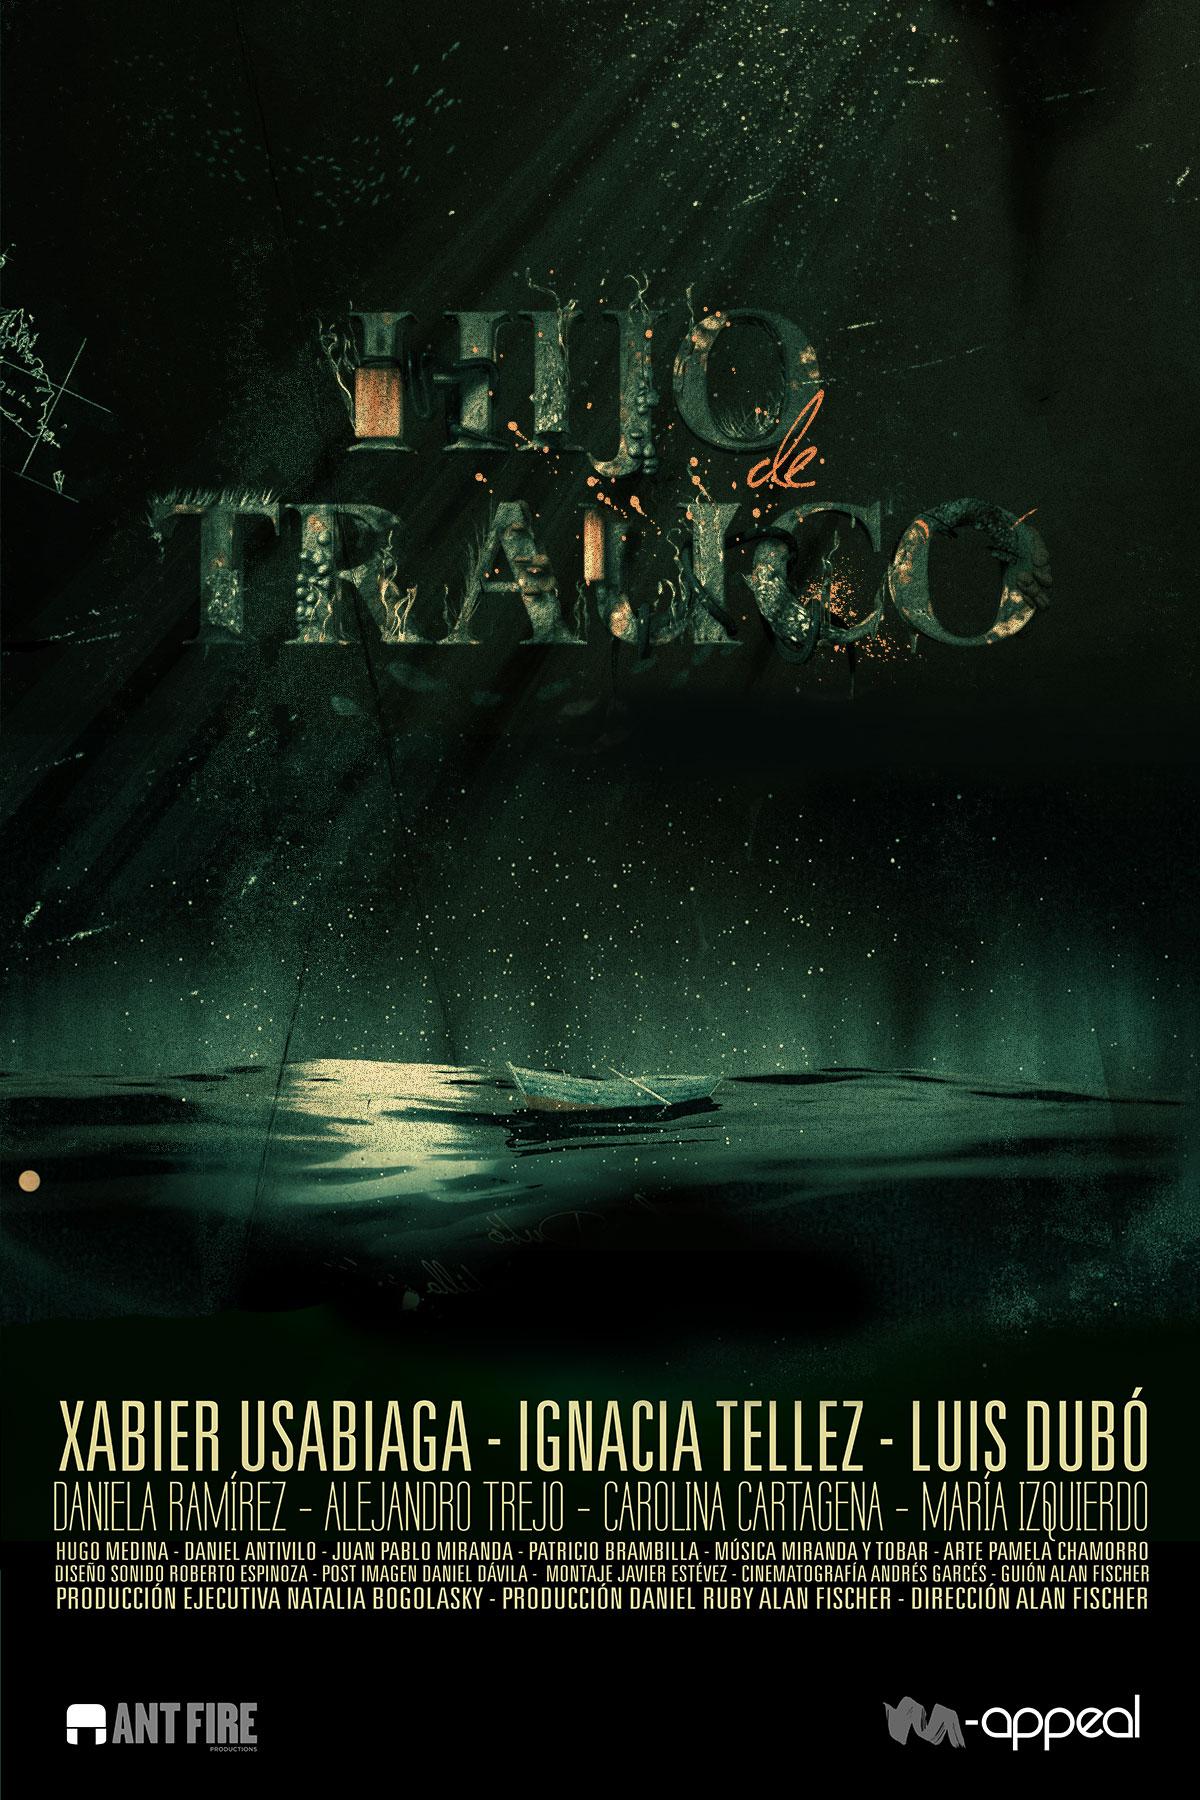 HijoDeTrauco_afiche01_o